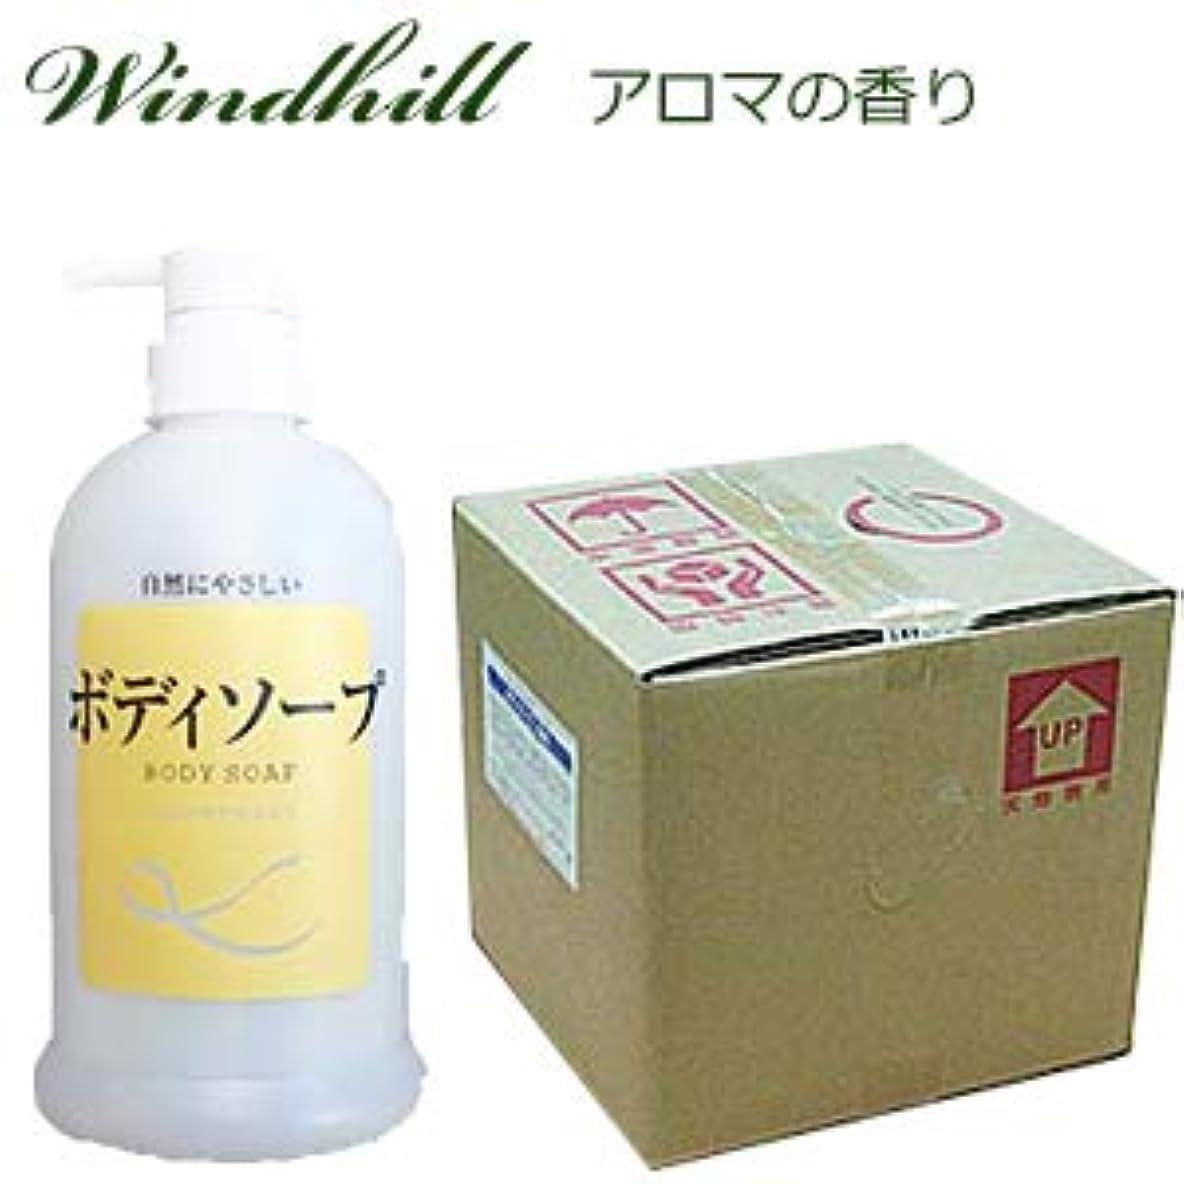 ボート草ピースなんと! 500ml当り188円 Windhill 植物性業務用 ボディソープ  紅茶を思うアロマの香り 20L